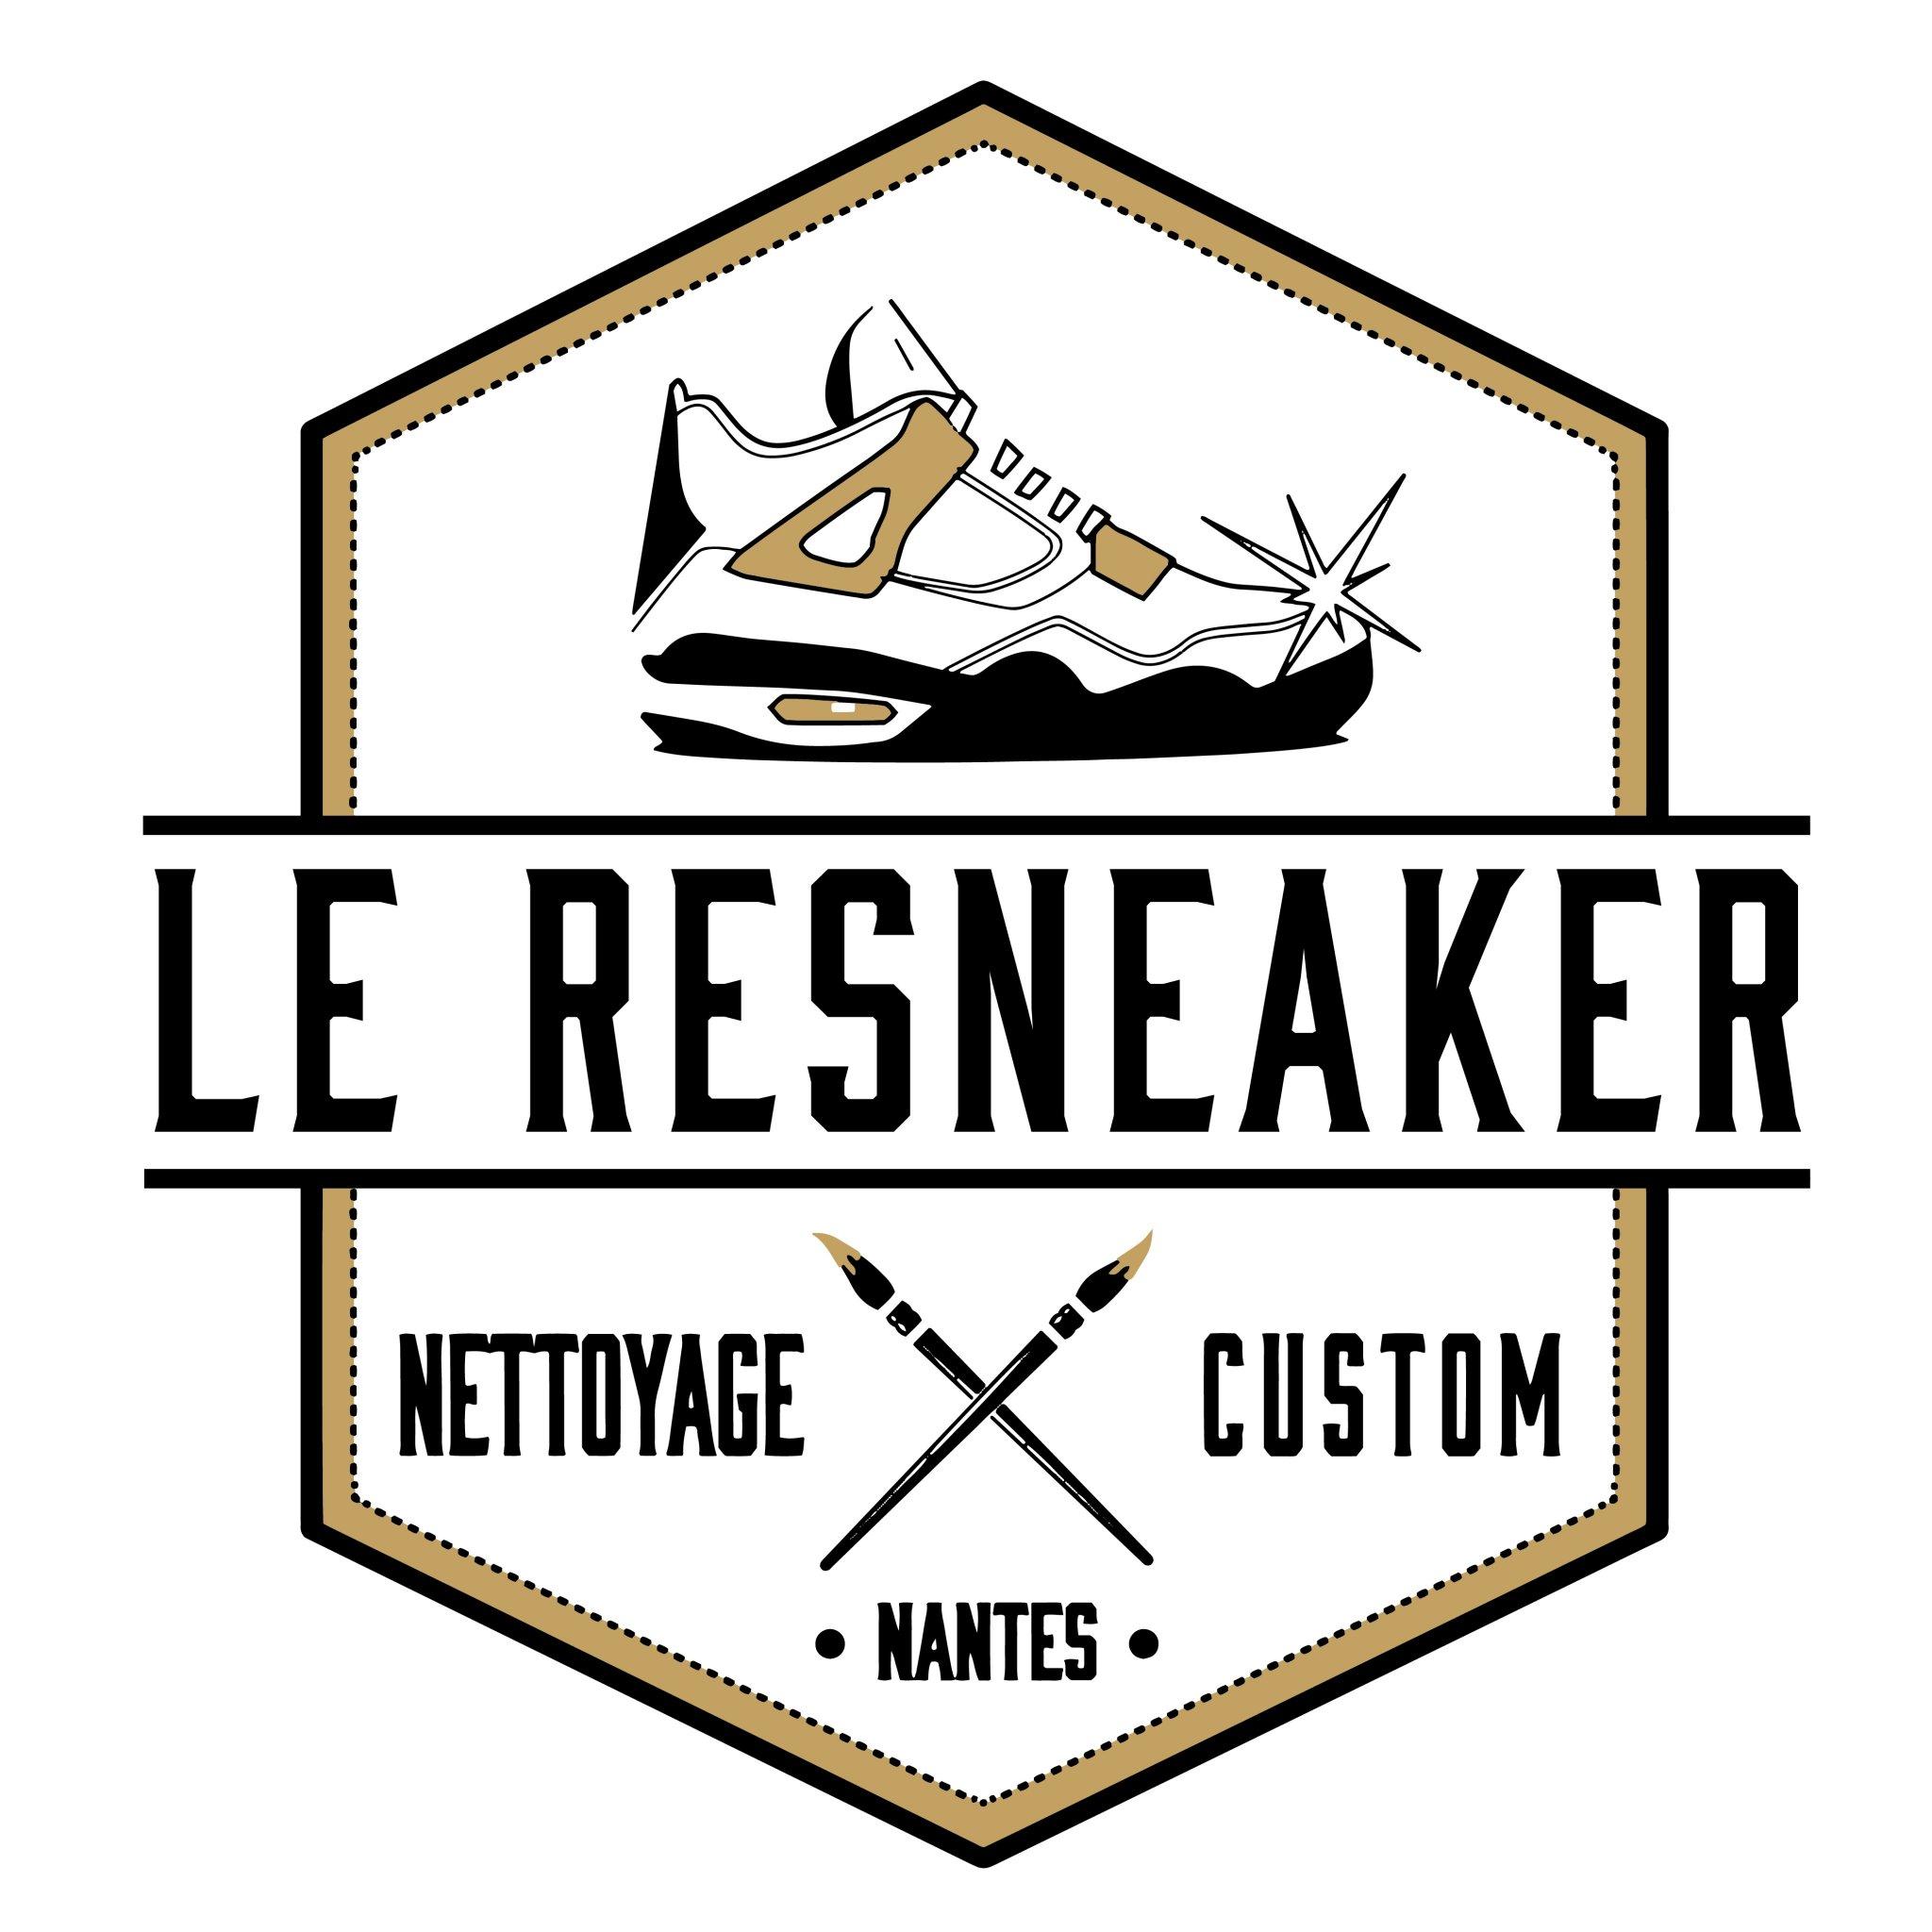 Le Resneaker (@leresneaker) | Twitter